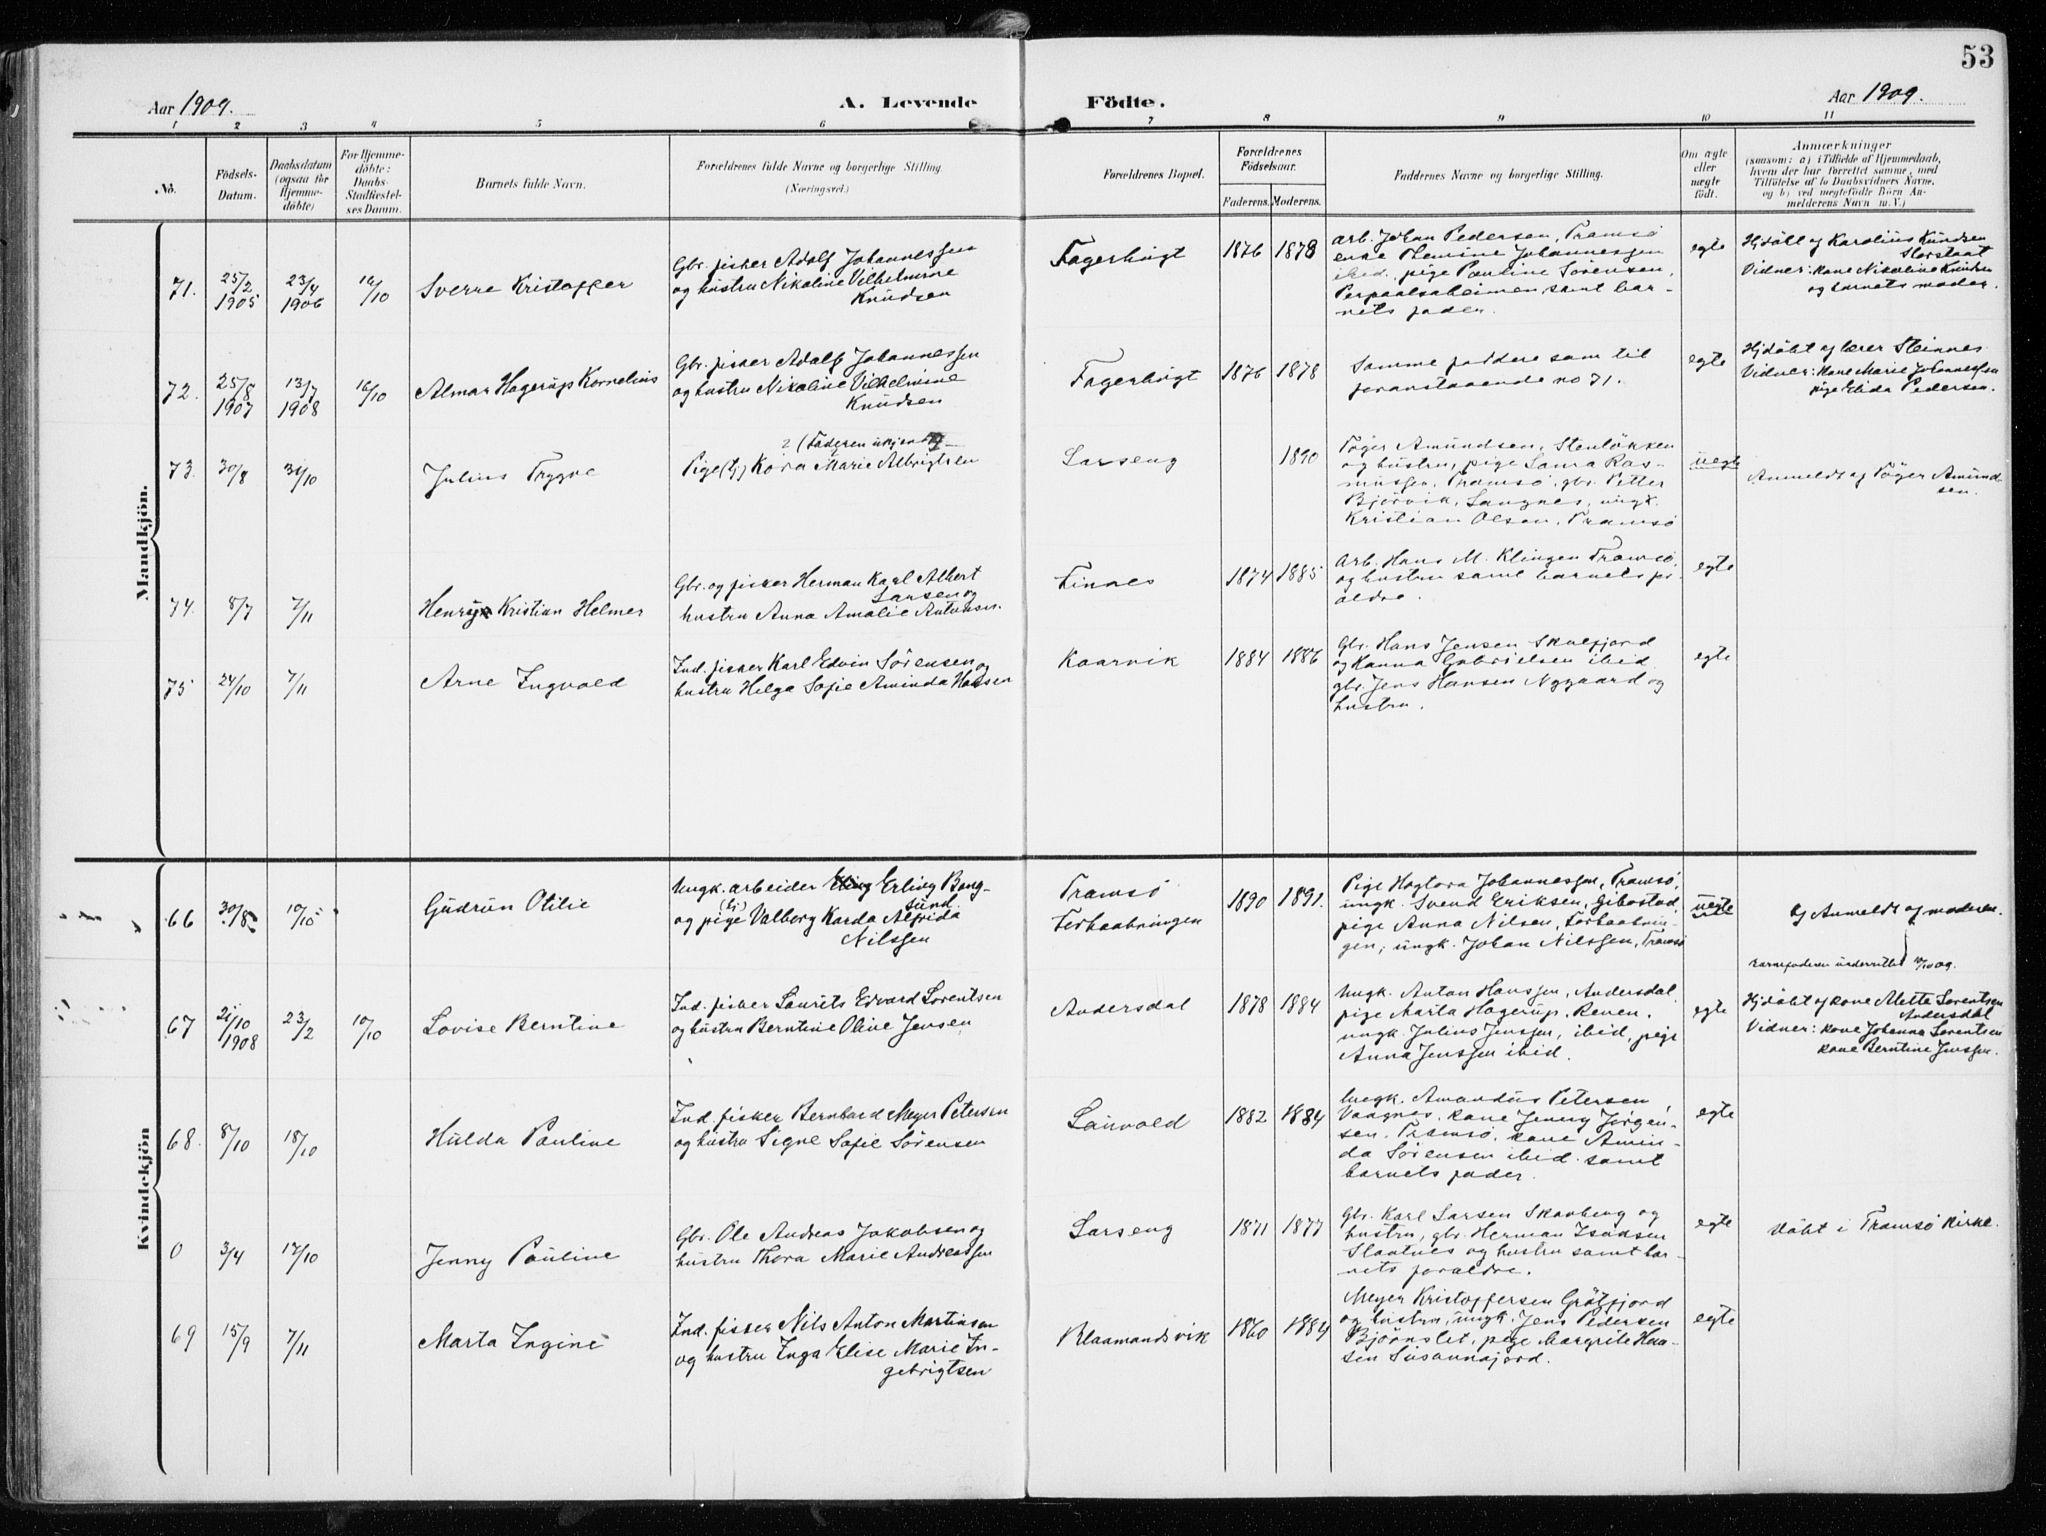 SATØ, Tromsøysund sokneprestkontor, G/Ga/L0007kirke: Ministerialbok nr. 7, 1907-1914, s. 53